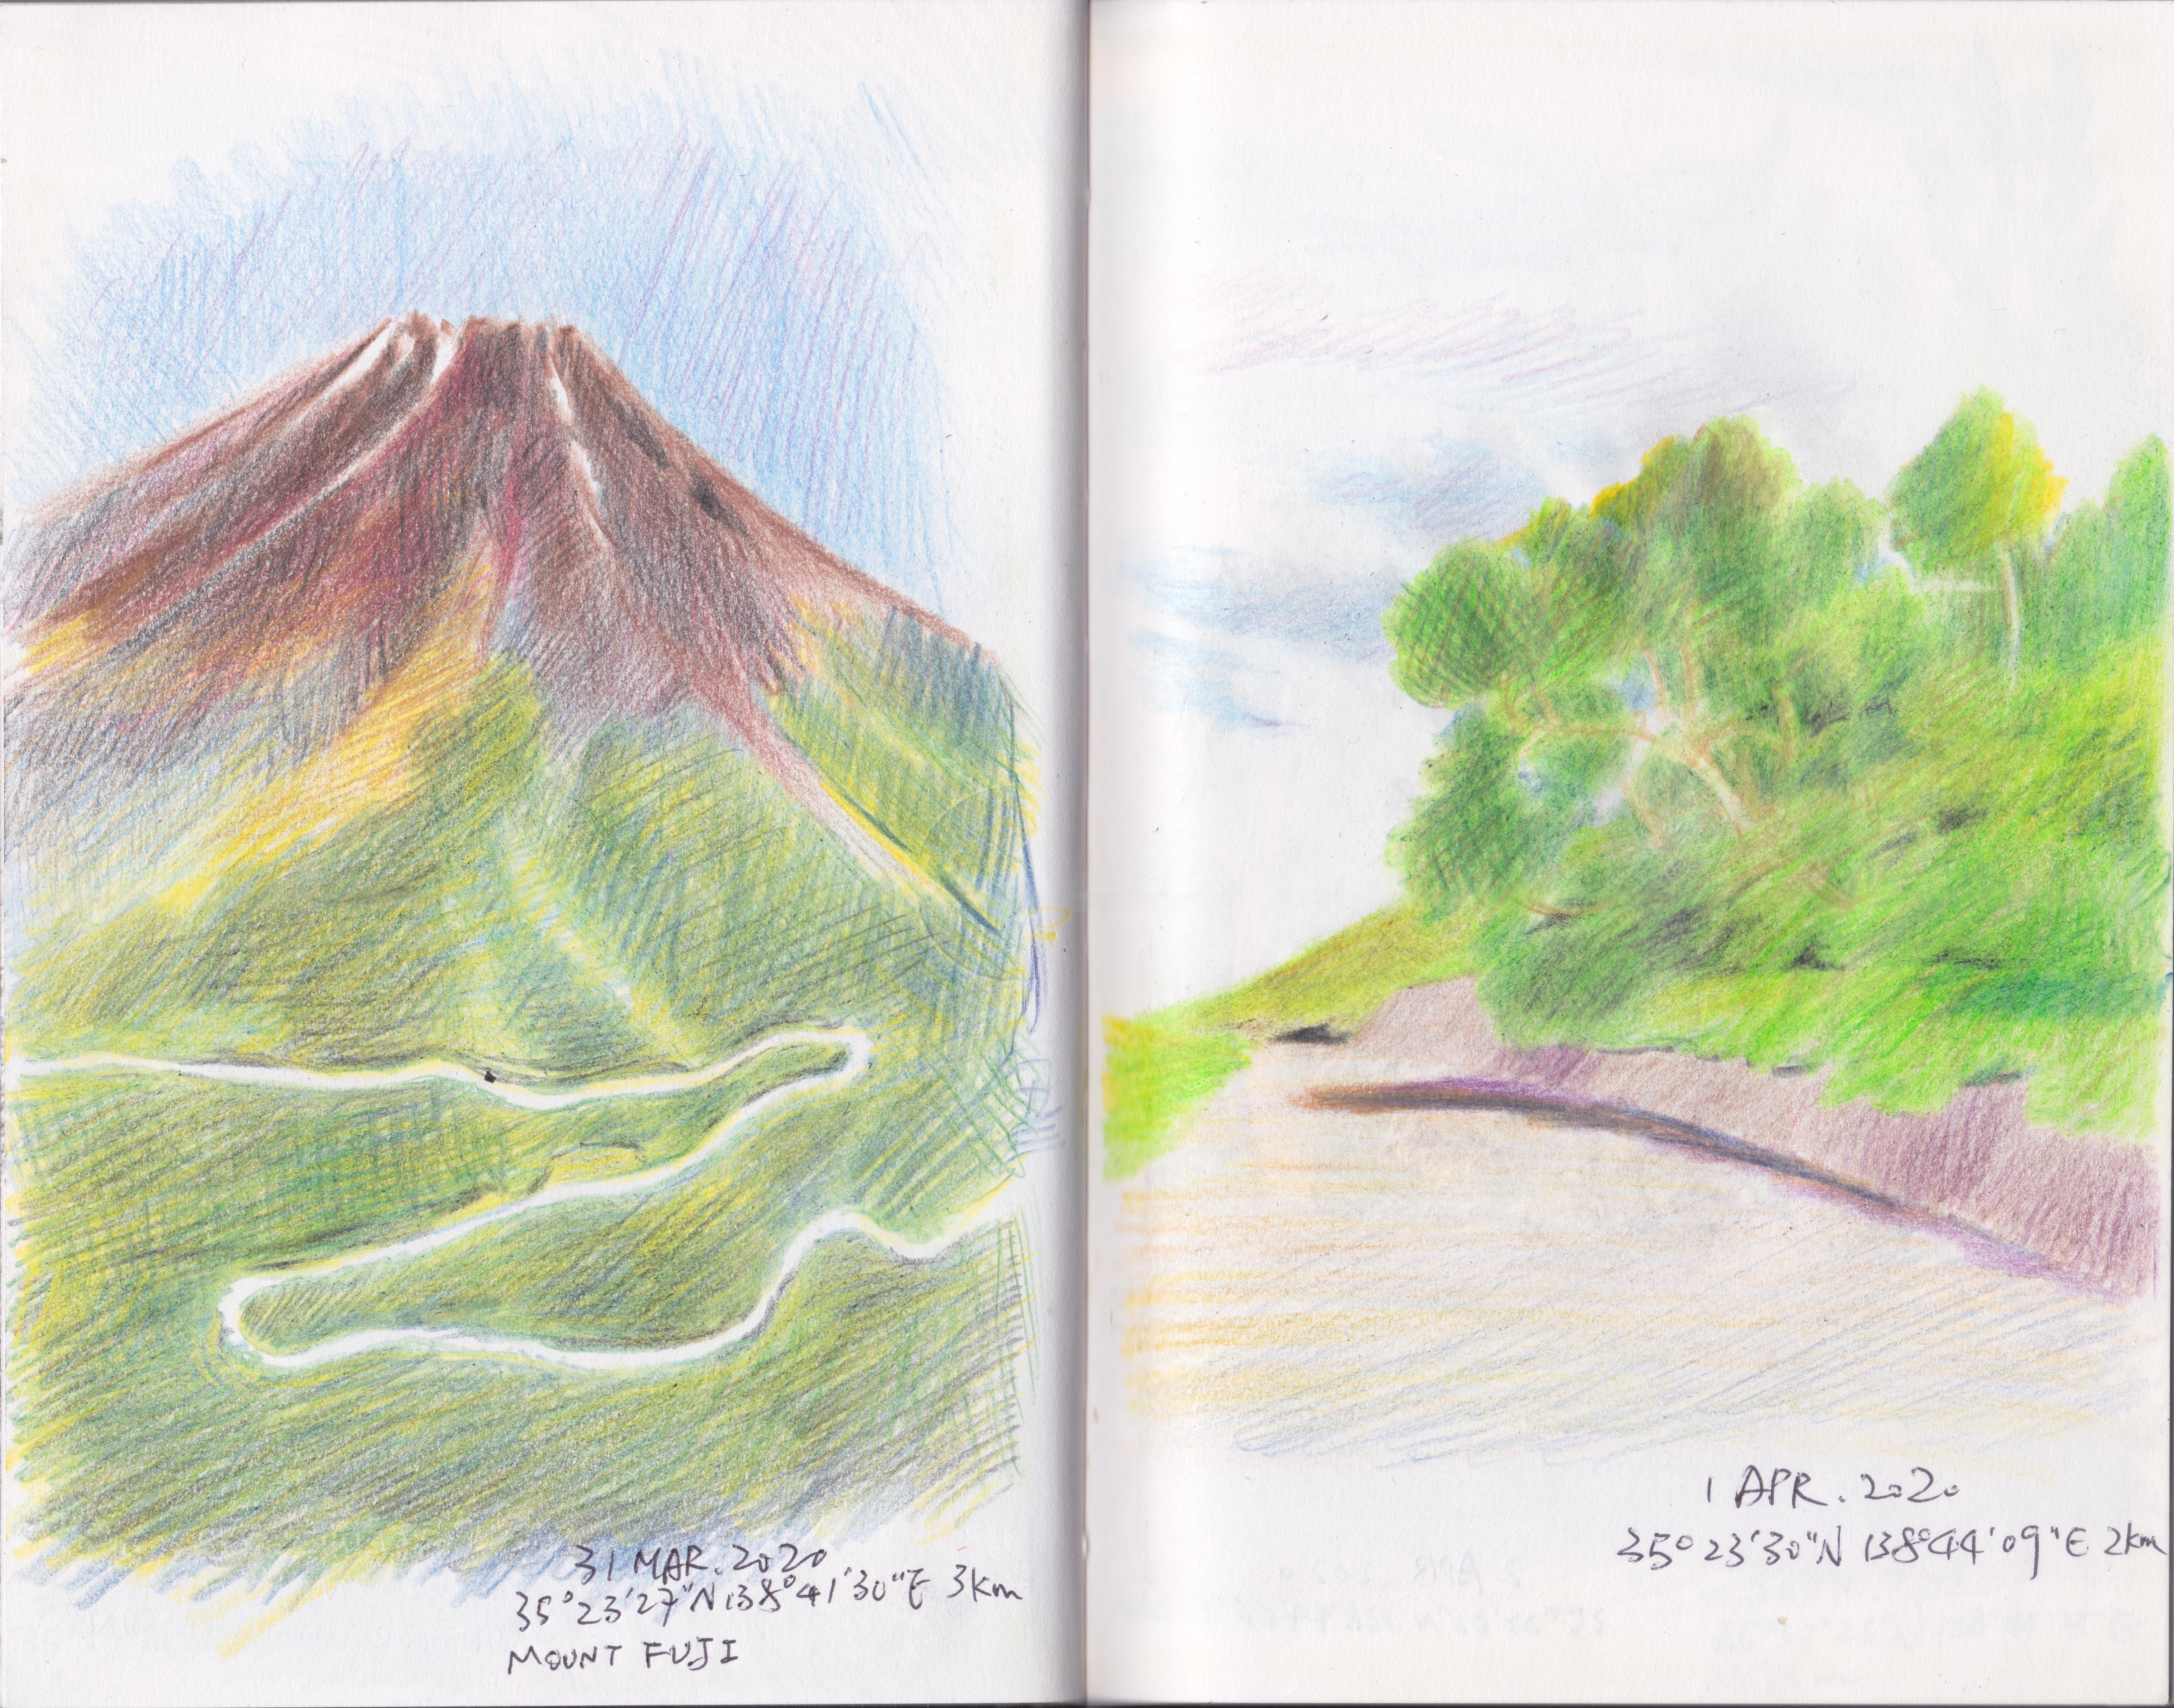 他依照Google Earth所畫的富士山。除了大山外,他也經常紀錄沿途的路徑。